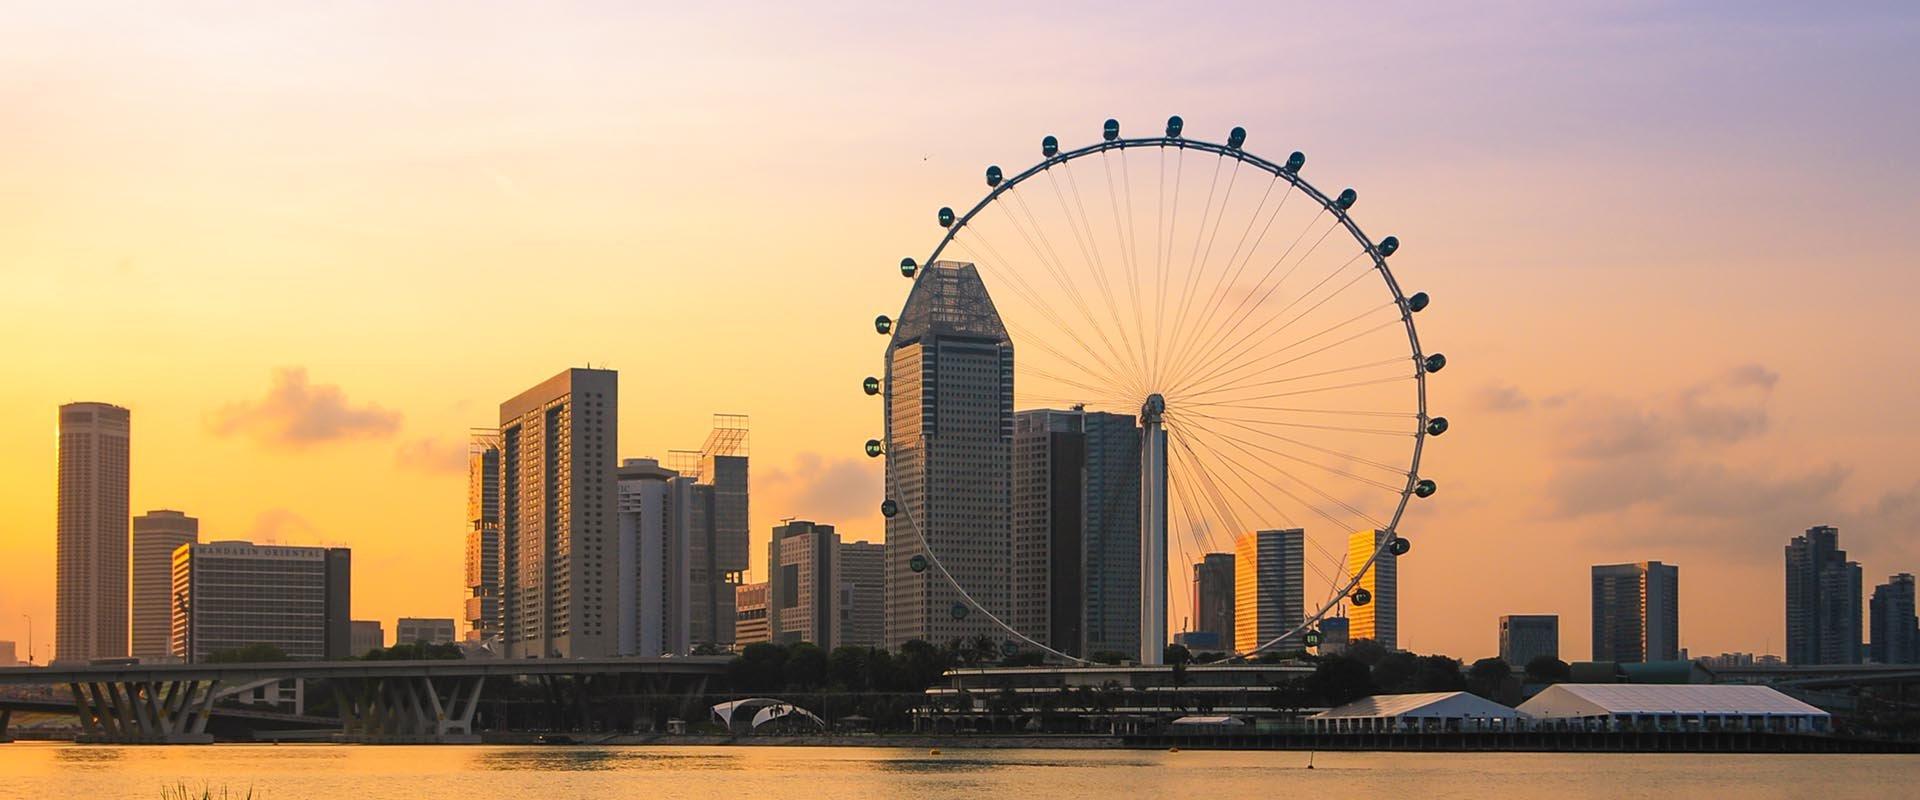 singapore public holidays 2013 pdf